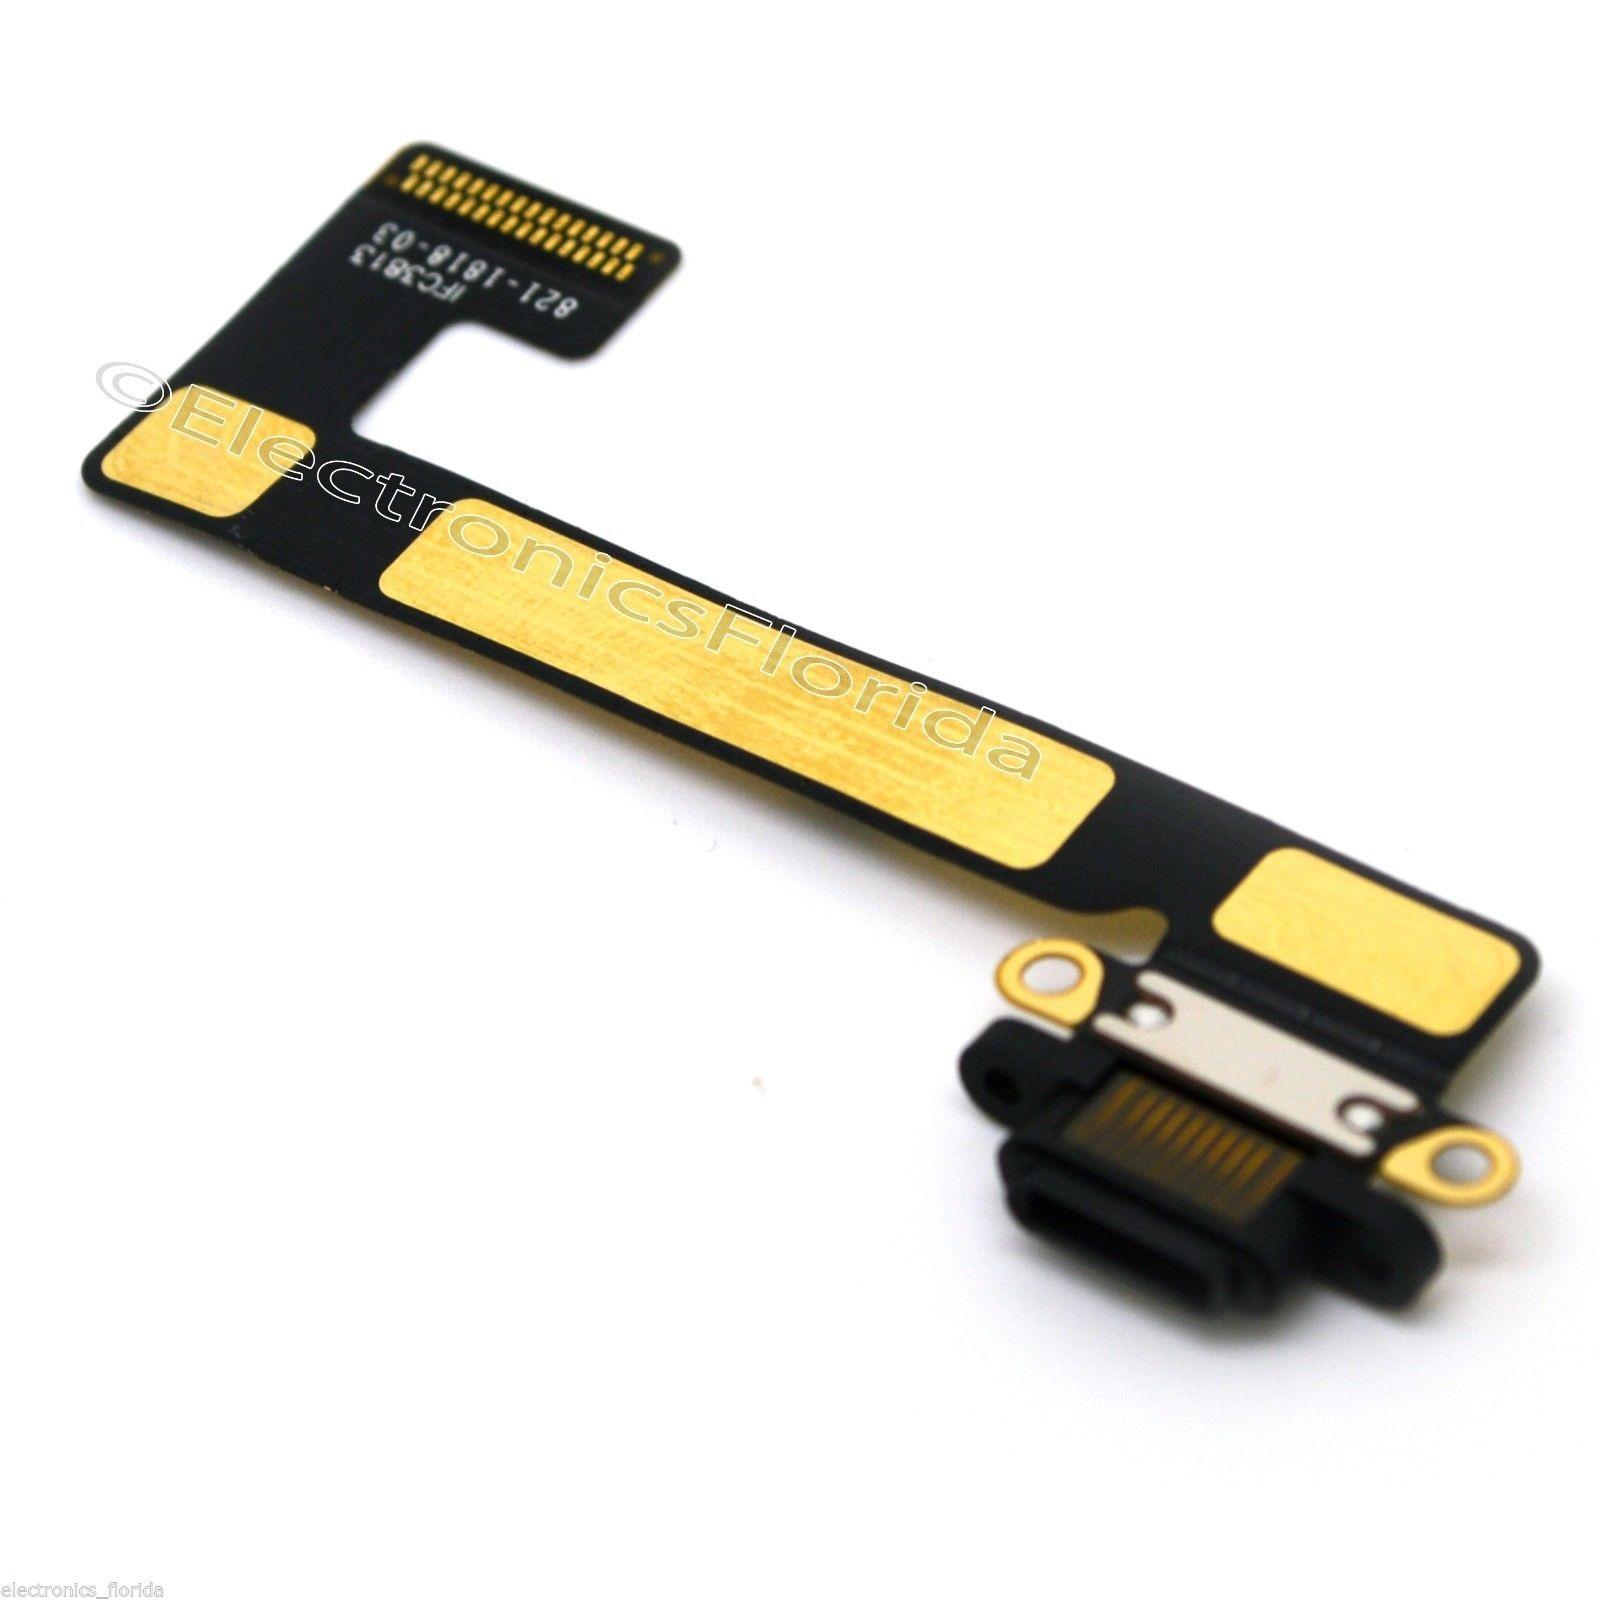 อะไหล่ไอแพด สายแพร USB iPad mini 2 (ดำ)